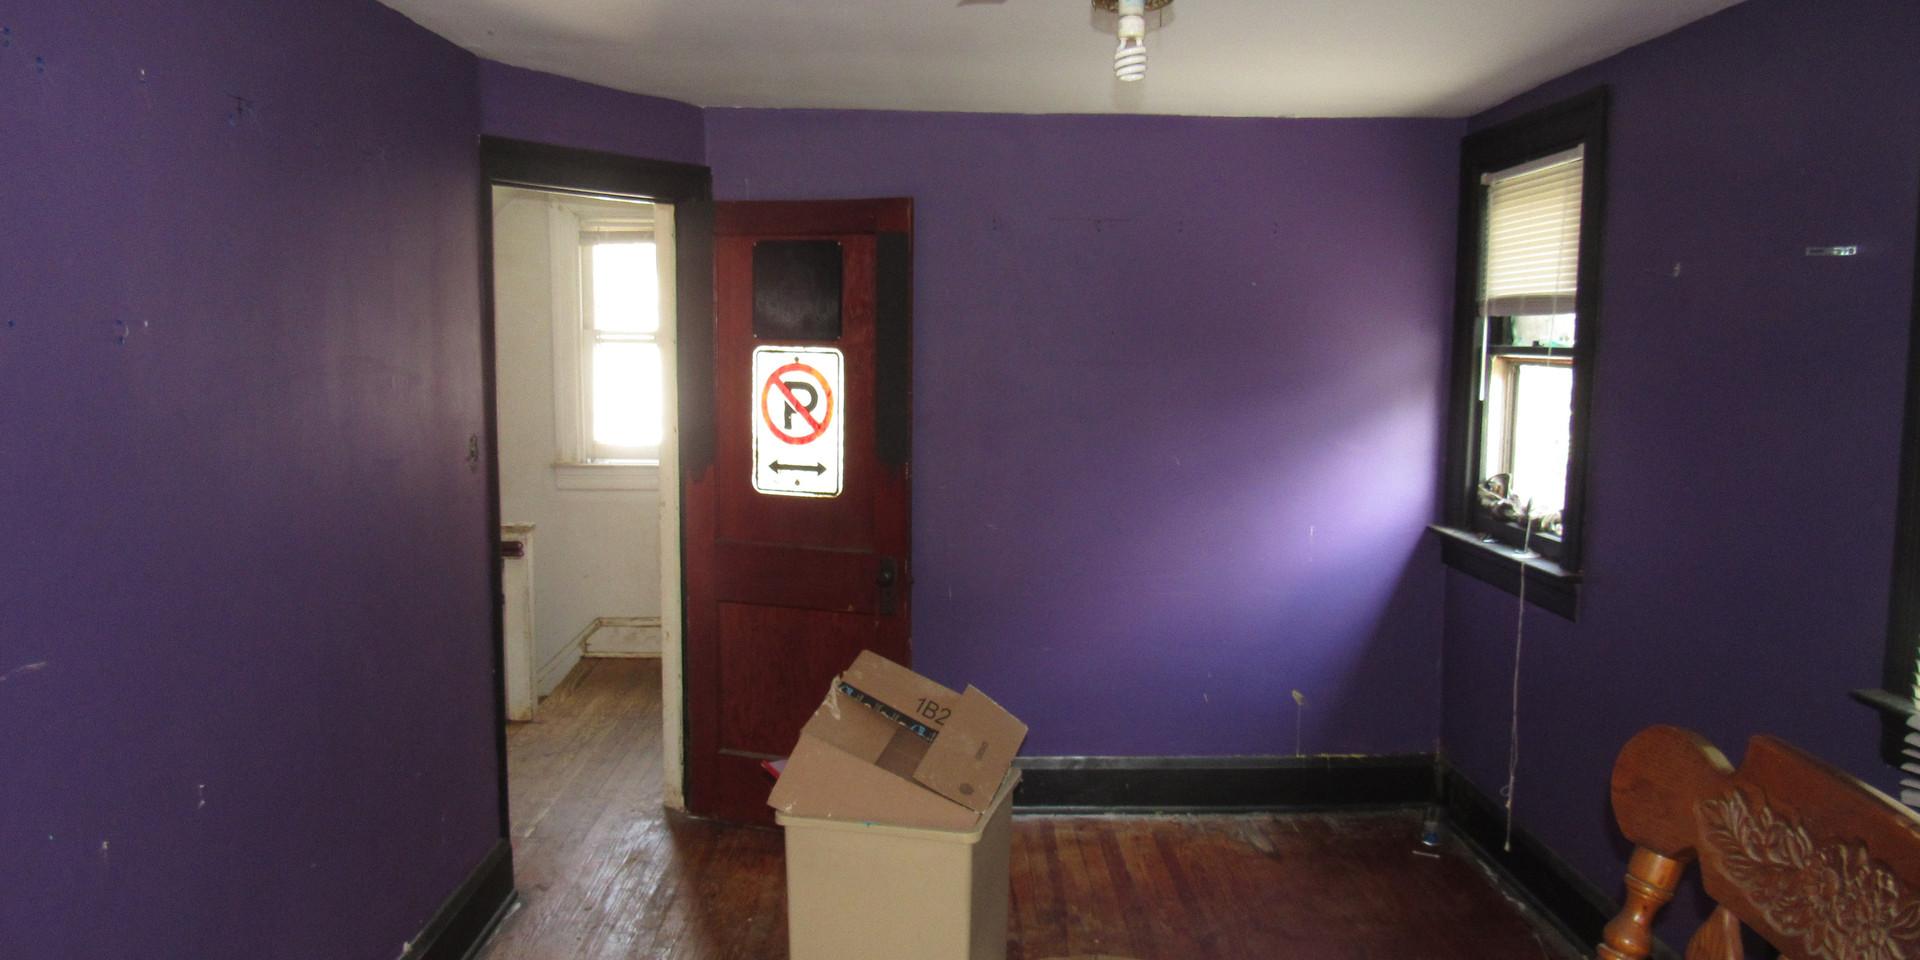 24 - Bedroom 1C.JPG